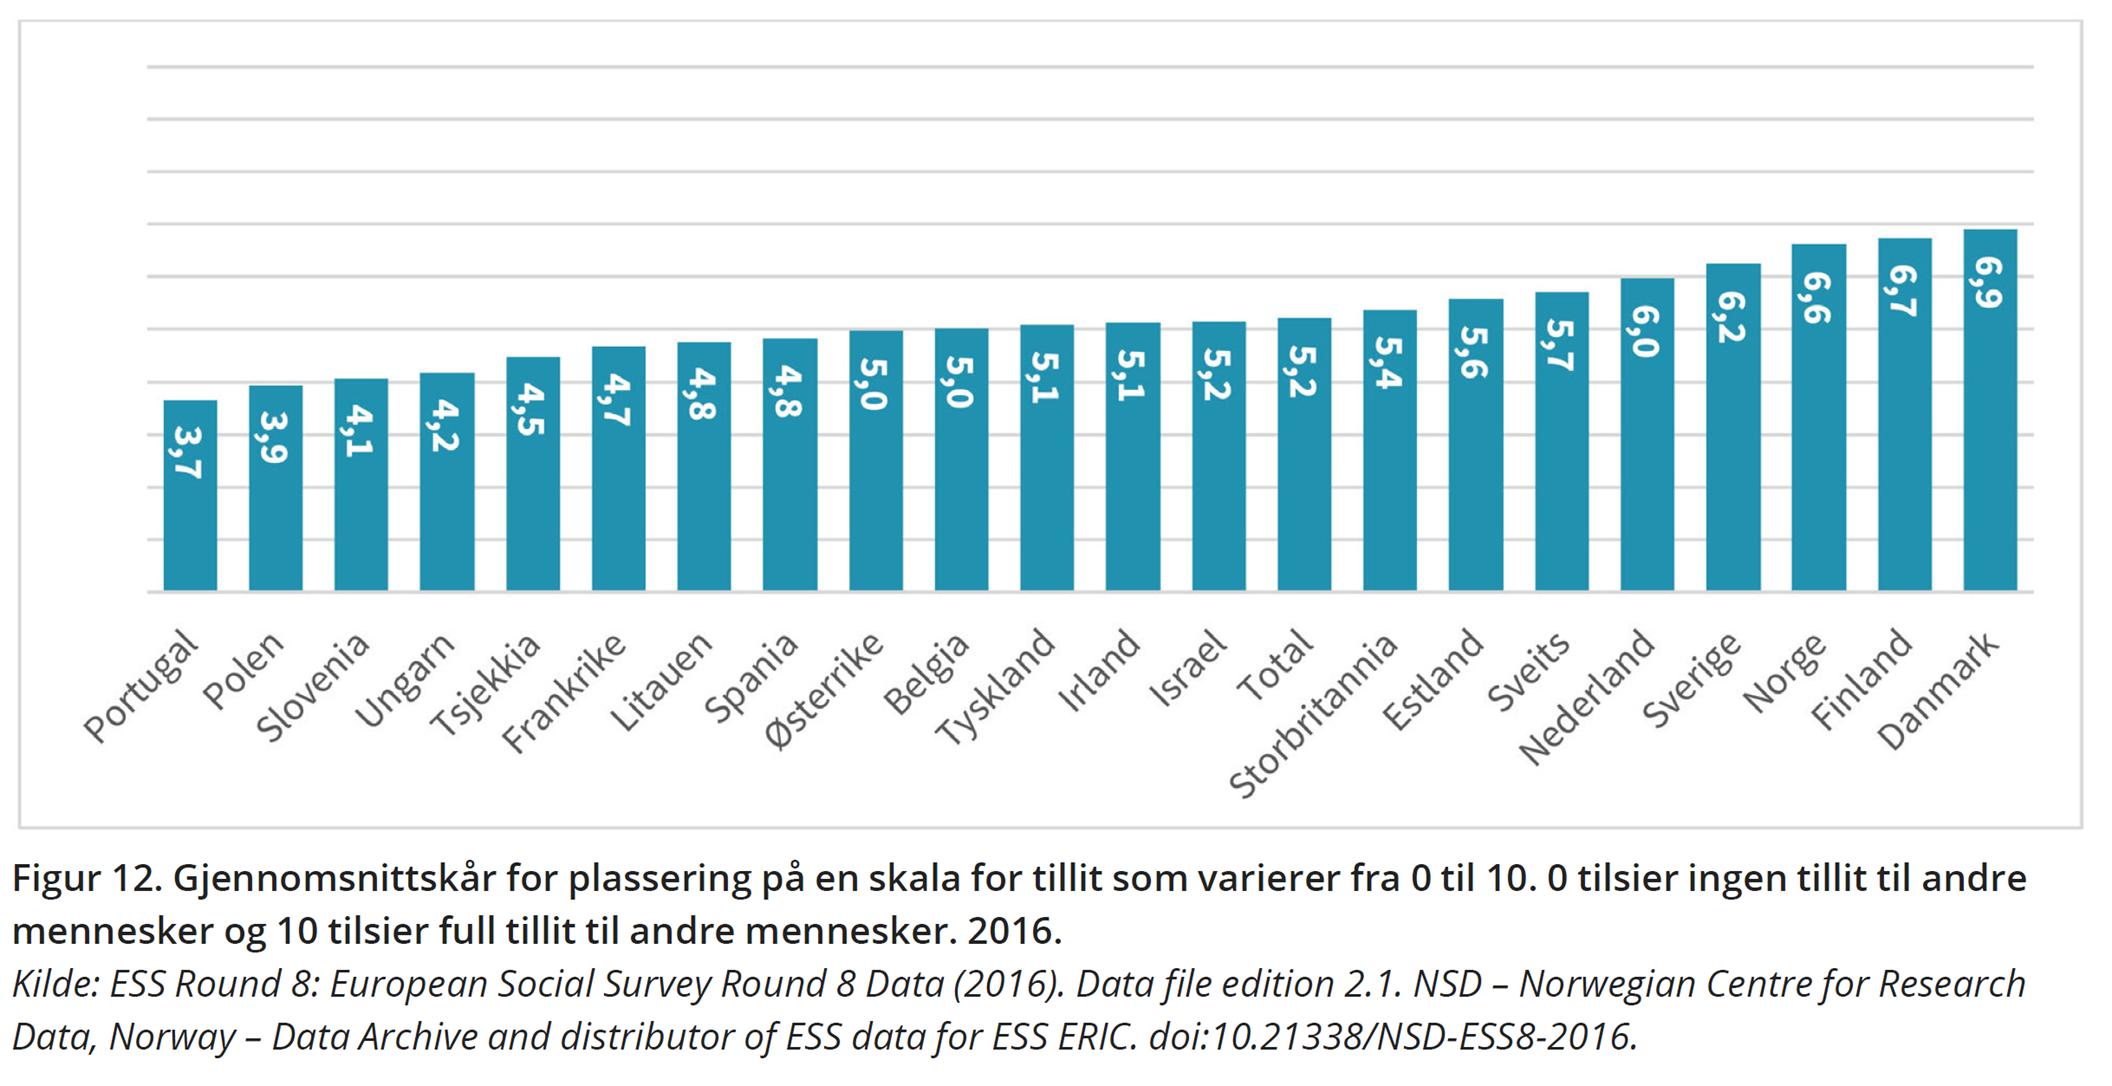 Figur 12. Gjennomsnittskår for plassering på en skala for tillit som varierer fra 0 til 10. 0 tilsier ingen tillit til andre mennesker og 10 tilsier full tillit til andre mennesker. 2016. Kilde: ESS Round 8: European Social Survey Round 8 Data (2016). Data file edition 2.1. NSD – Norwegian Centre for Research Data, Norway – Data Archive and distributor of ESS data for ESS ERIC. doi:10.21338/NSD-ESS8-2016.